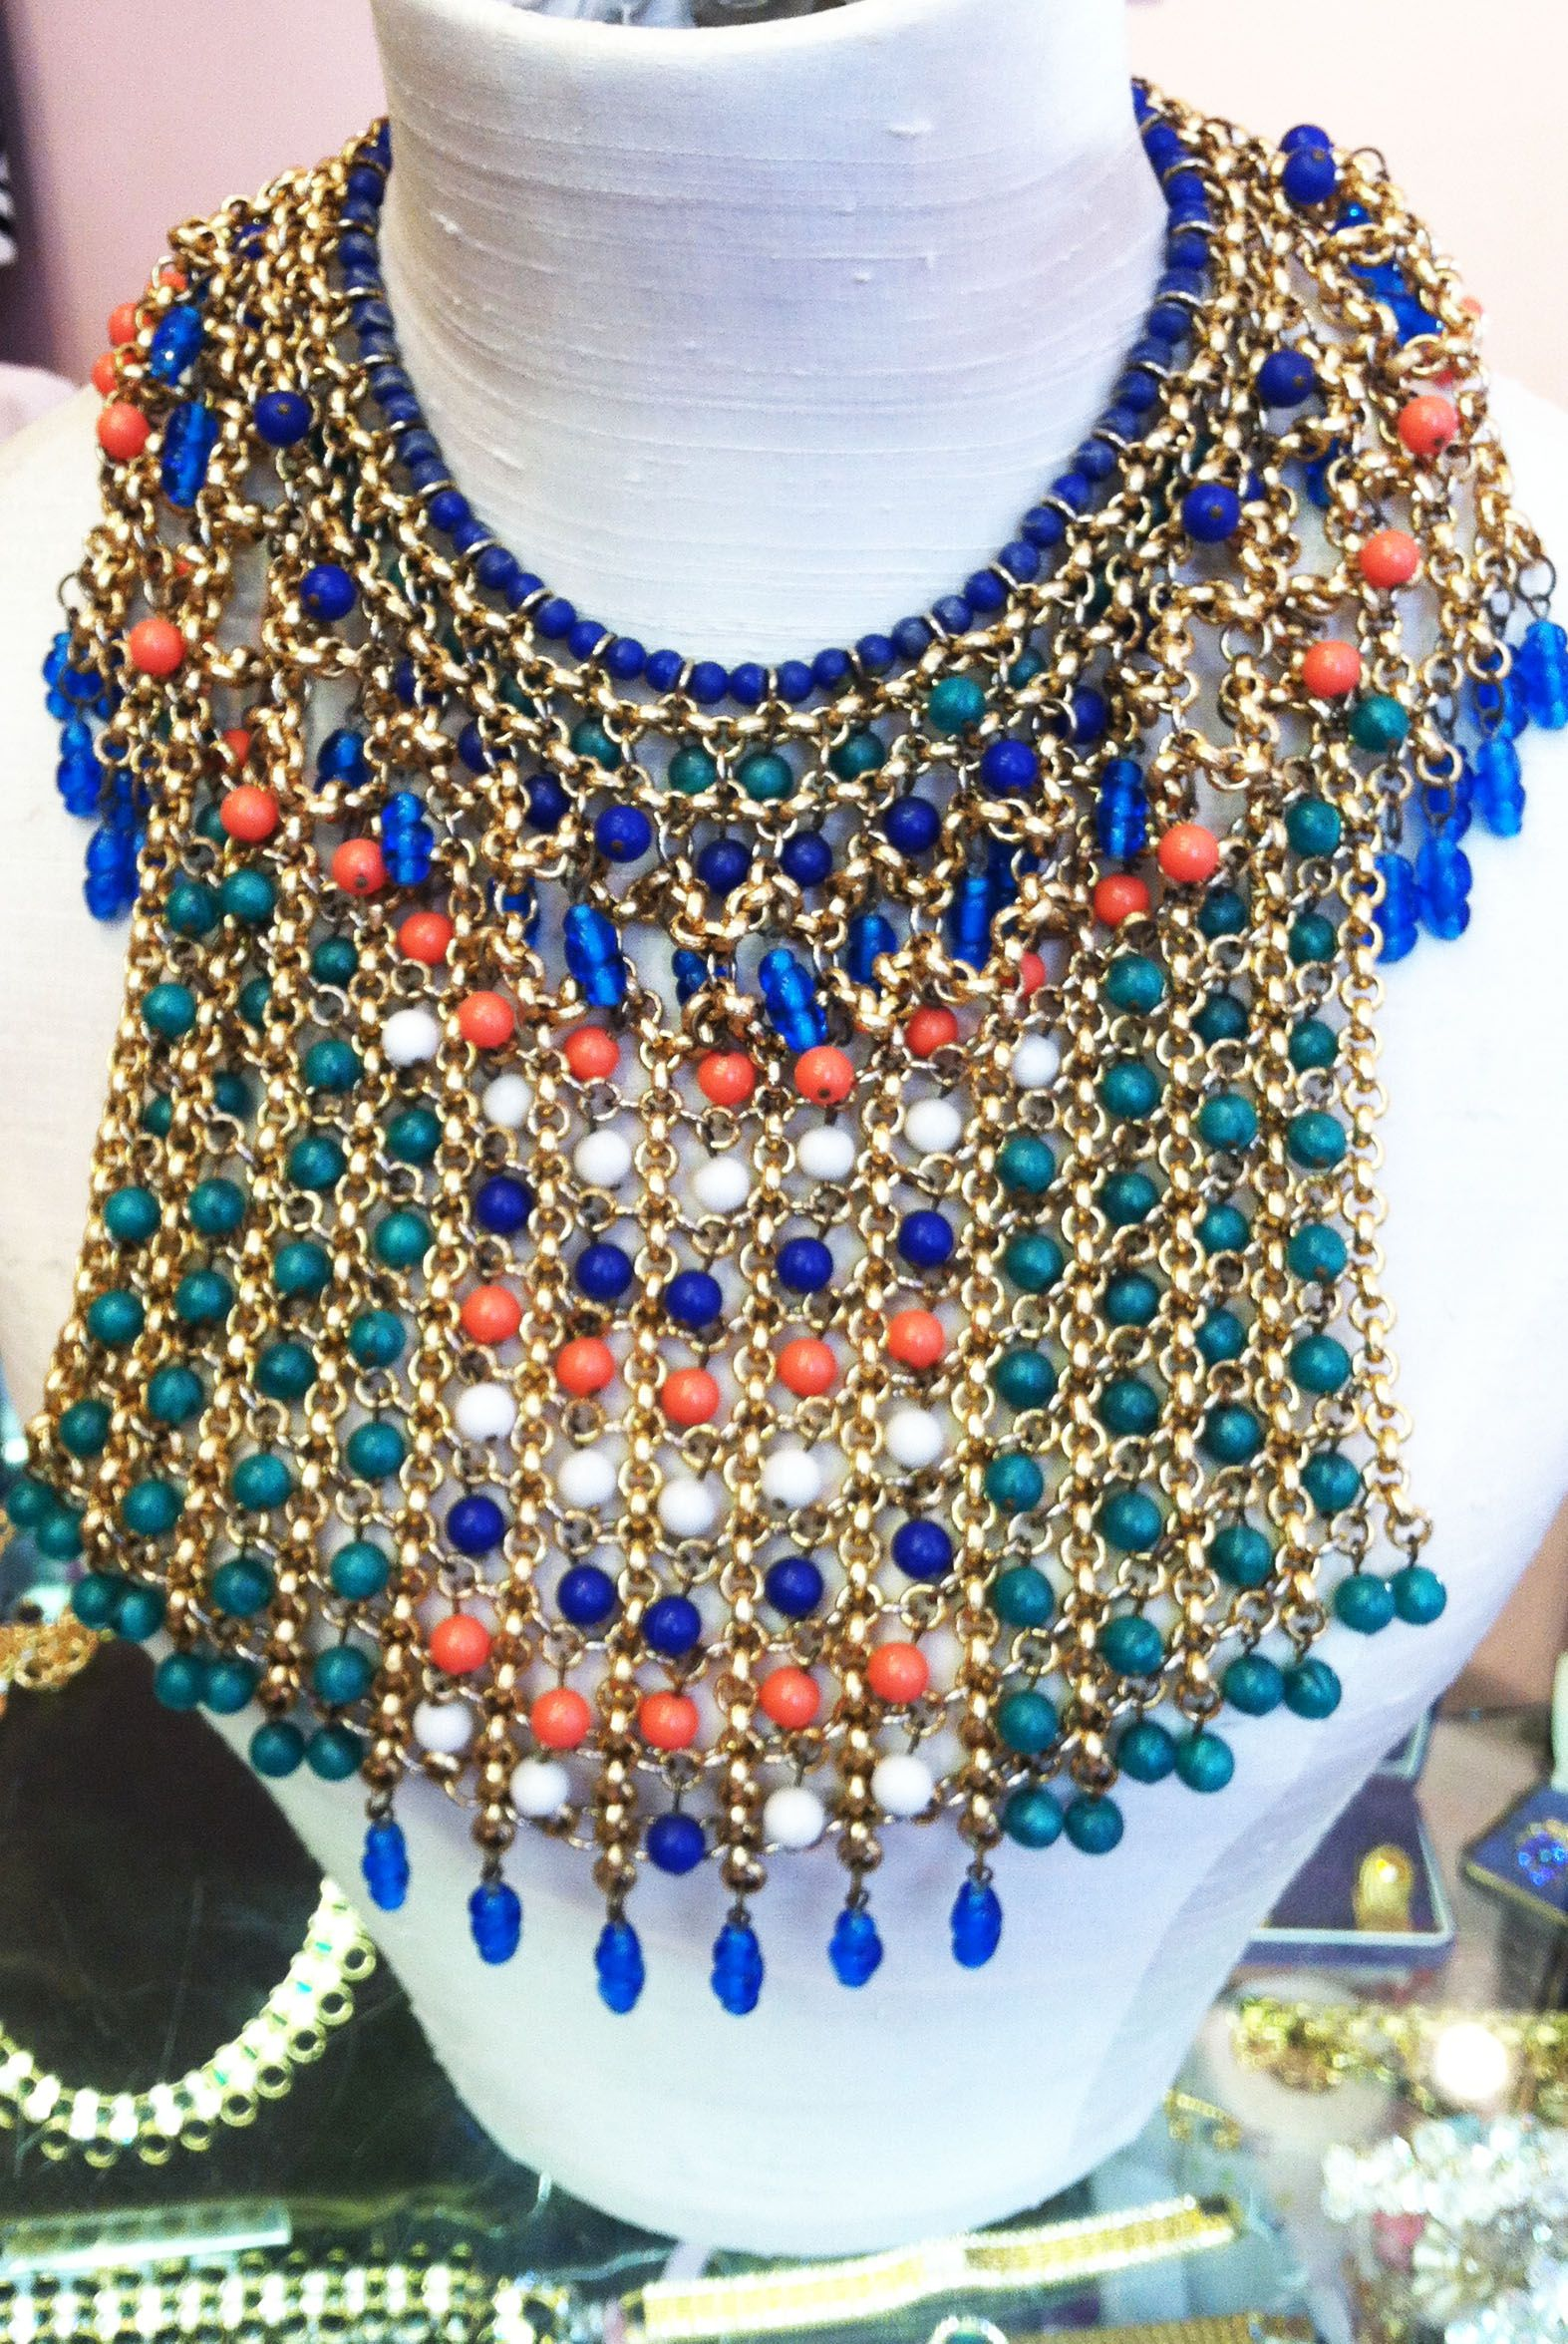 Goddy Jewelry : goddy, jewelry, Carnival, Inspiration, Jewelry, Beaded, Collar, Necklace,, Gaudy, Jewelry,